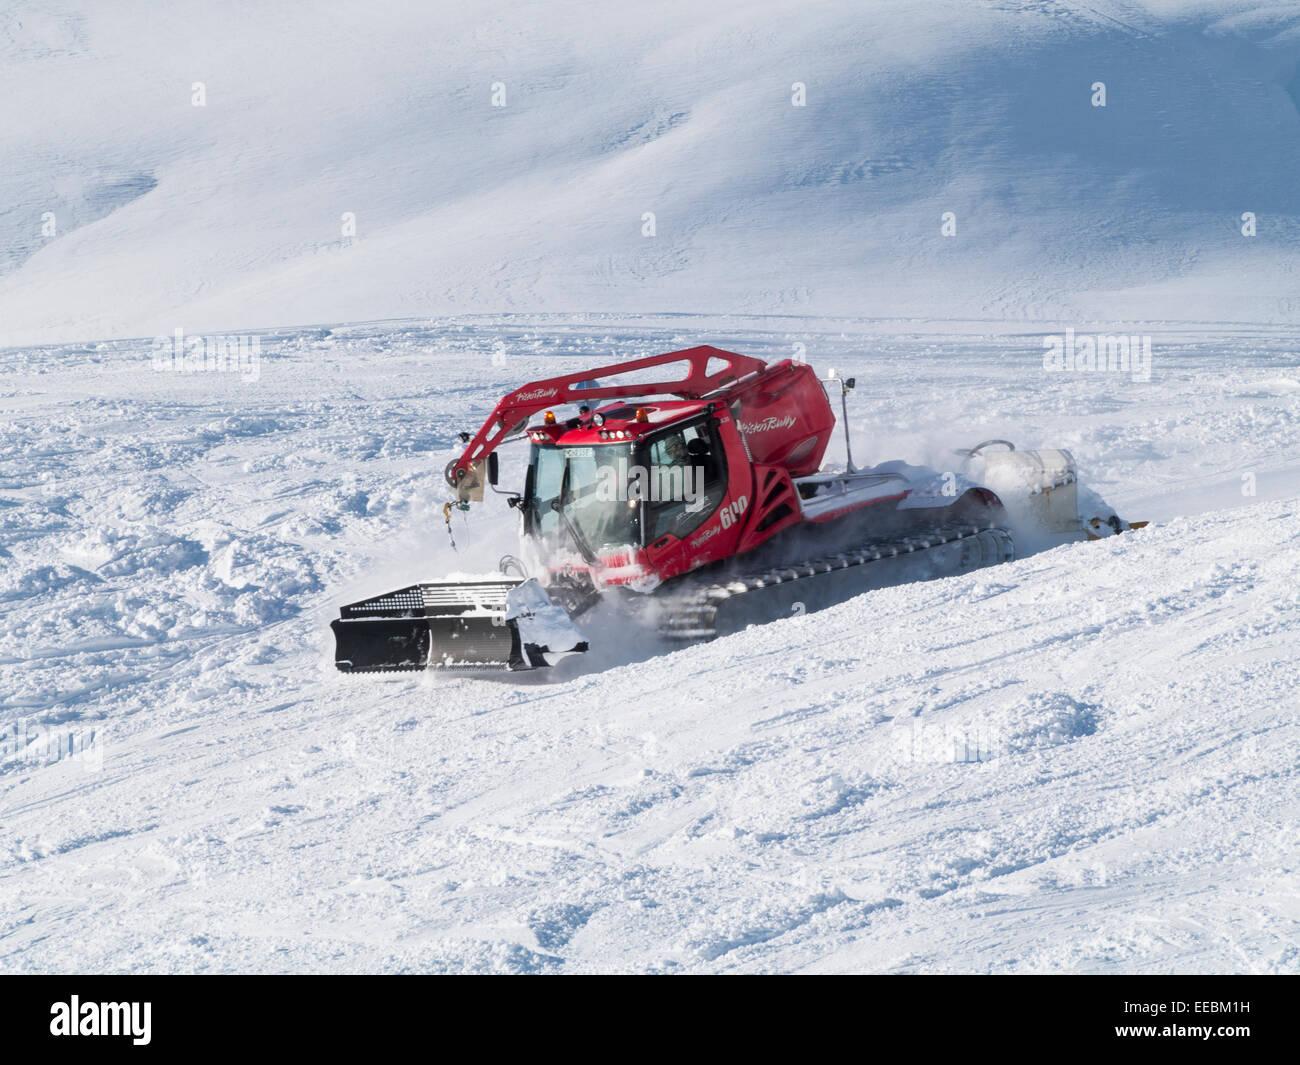 Distruttori di neve o pista toelettatura bully caterpillar veicolo cingolato muovendo rapidamente sulle piste da Immagini Stock